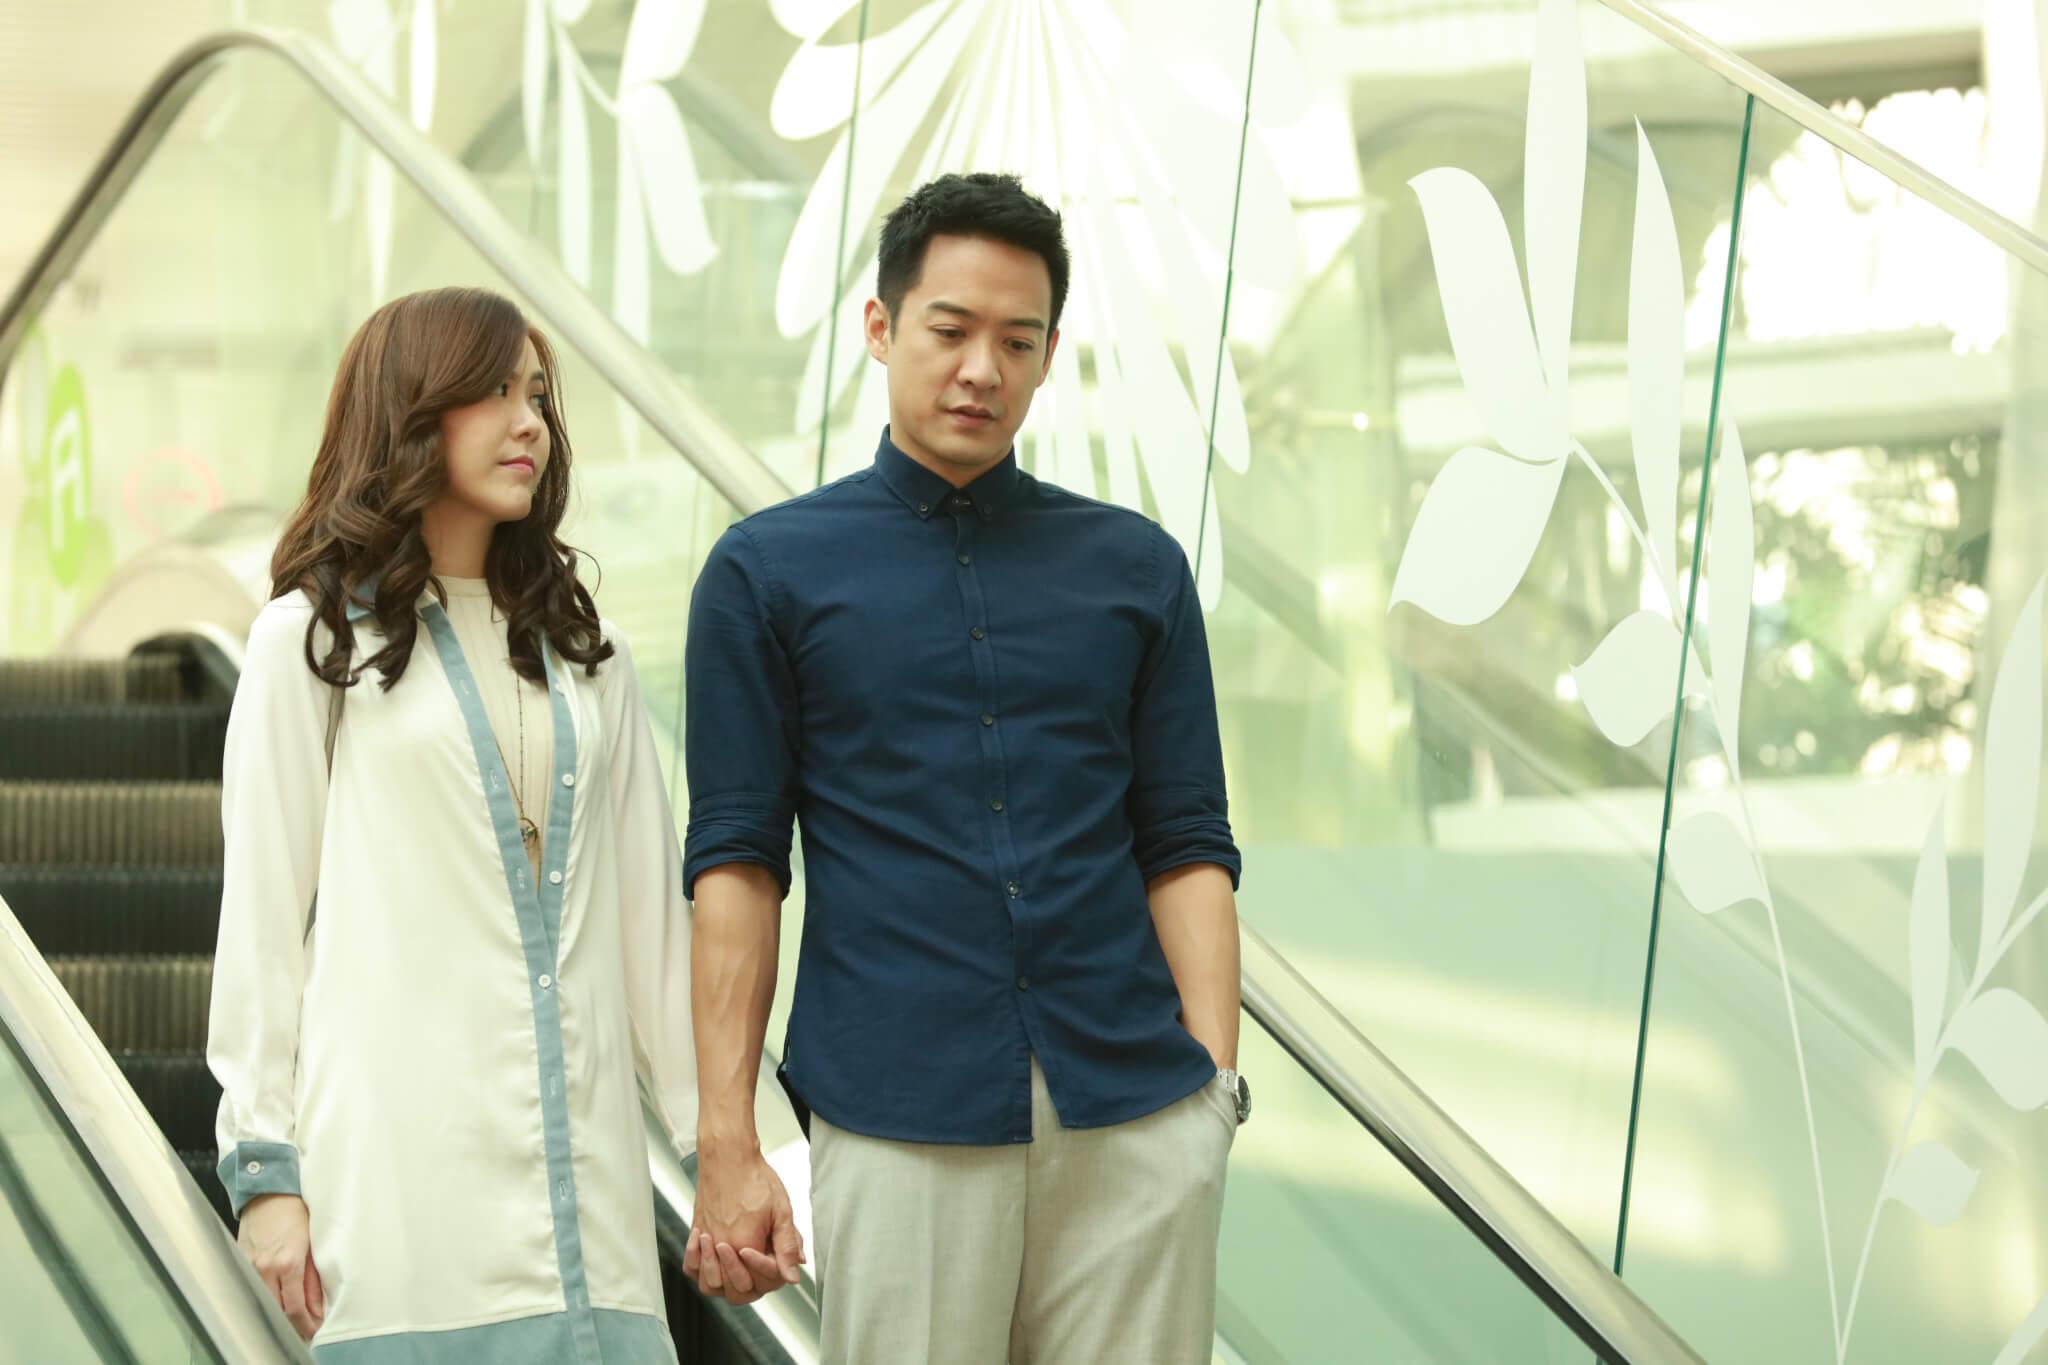 劇集《堅尼地愛堅尼地》與劉佩玥飾演情侶,亦是他在無綫最後一套劇集。